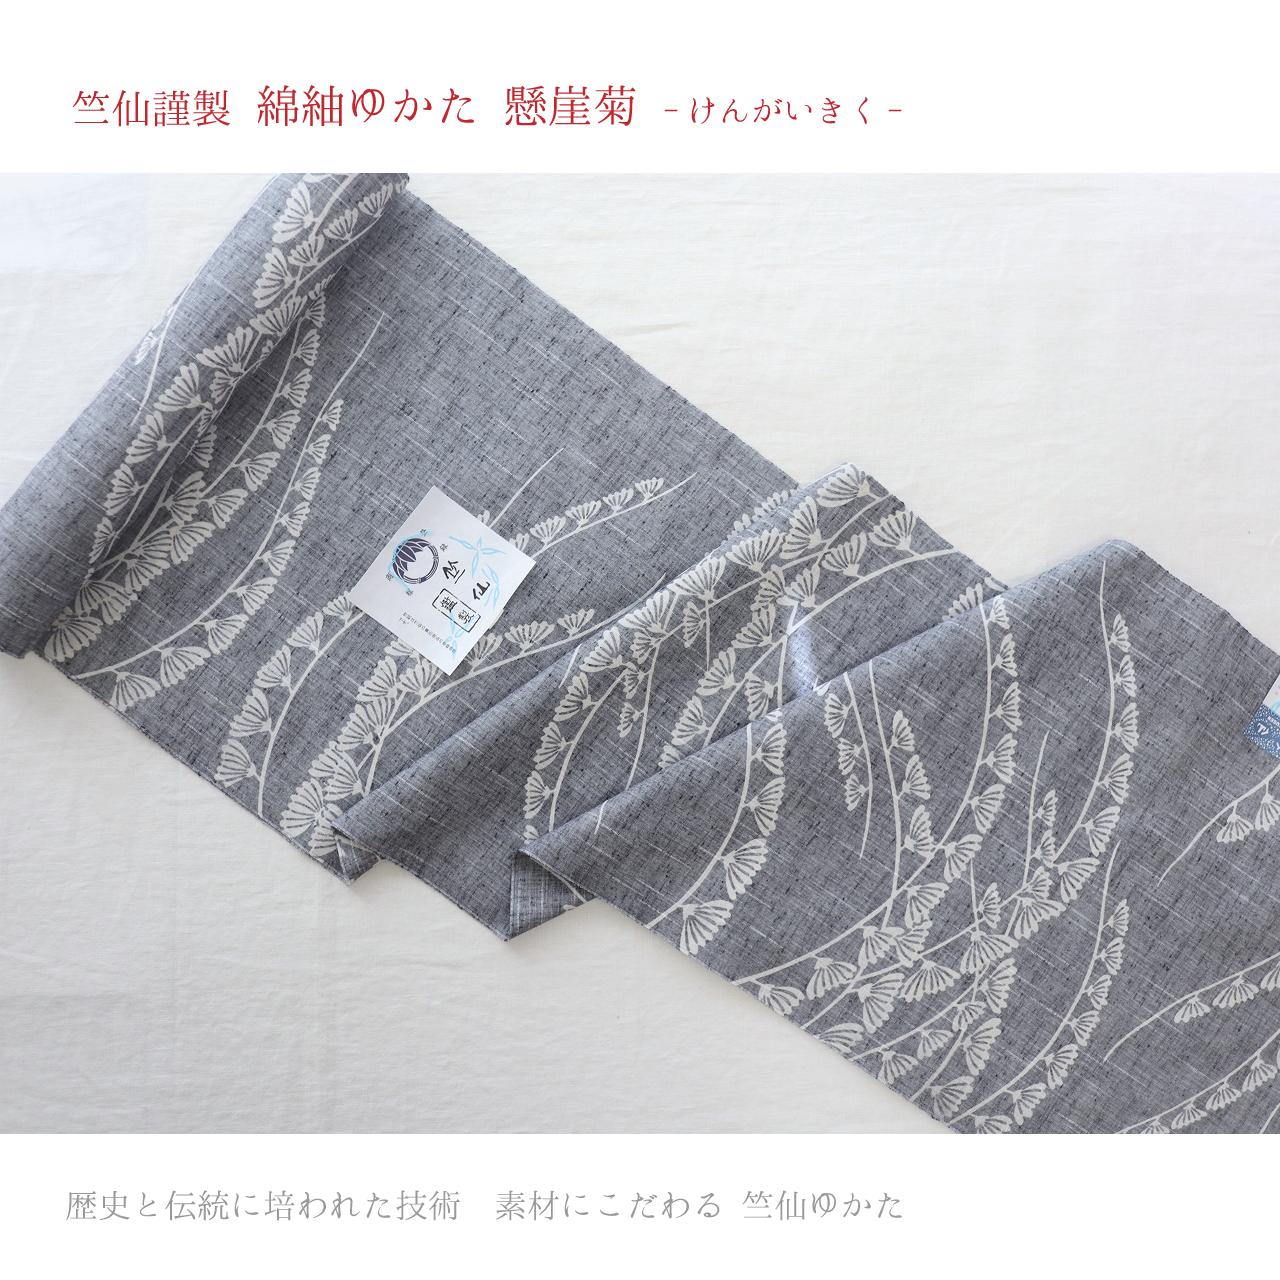 老舗【竺仙】伝統の浴衣が生み出すモノトーンカラーの浴衣